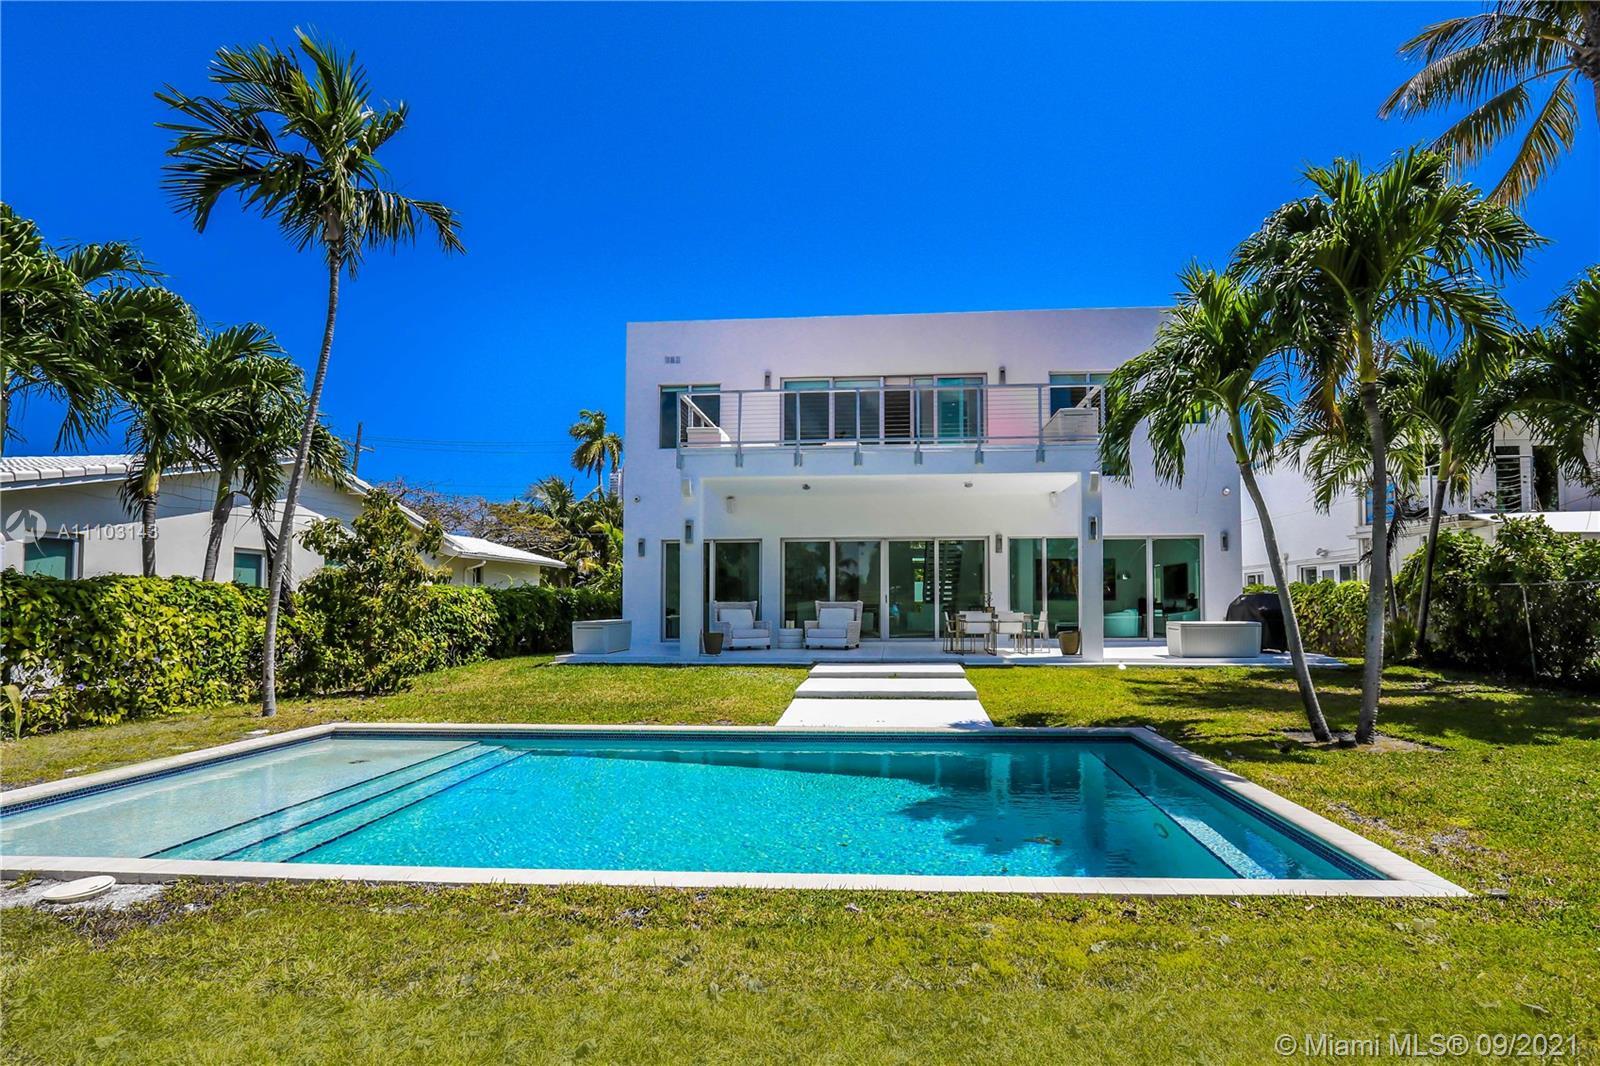 6050 La Gorce Dr Luxury Real Estate